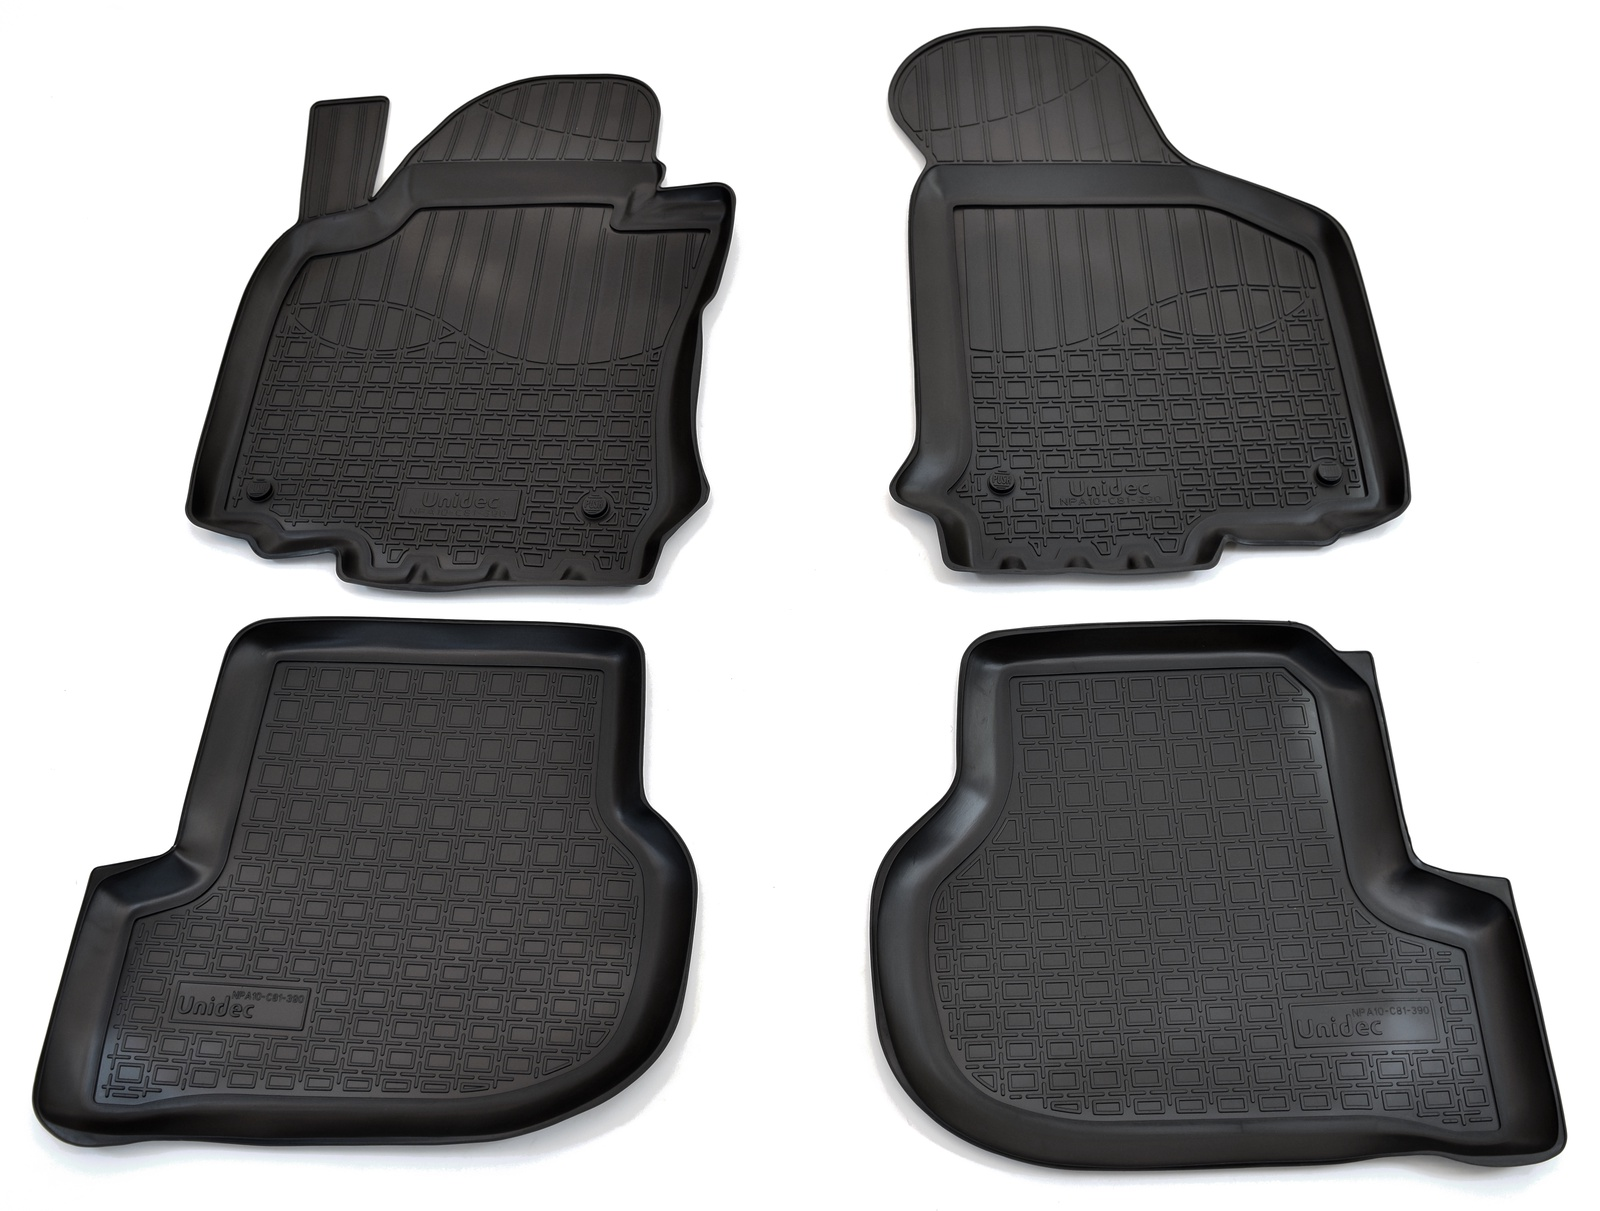 Коврики в салон автомобиля Norplast для Skoda Octavia II A5 2004-2013, NPA10-C81-390, черный недорго, оригинальная цена